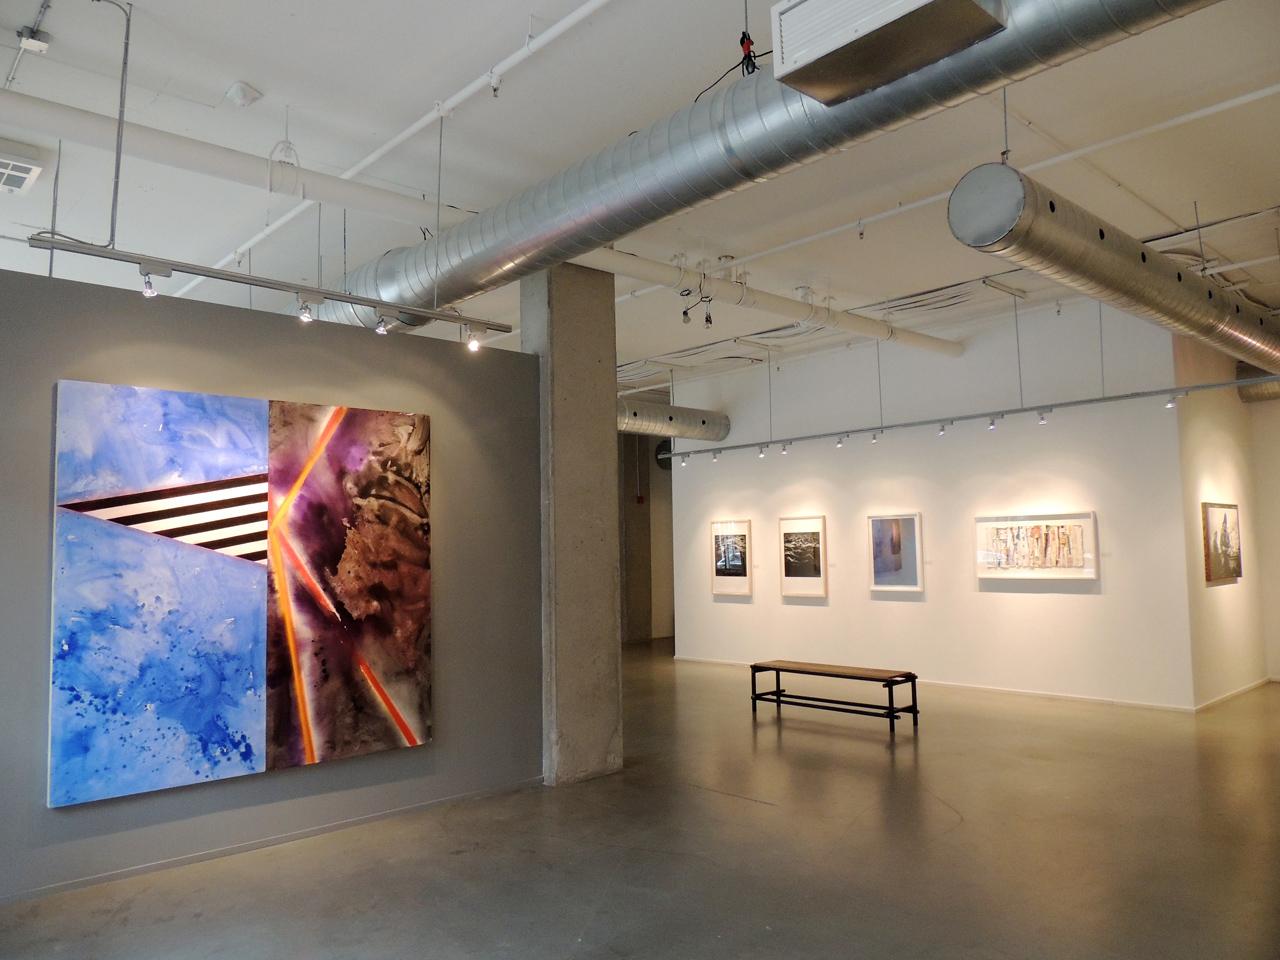 Galerie d'art Lacerte art contemporain, Montréal